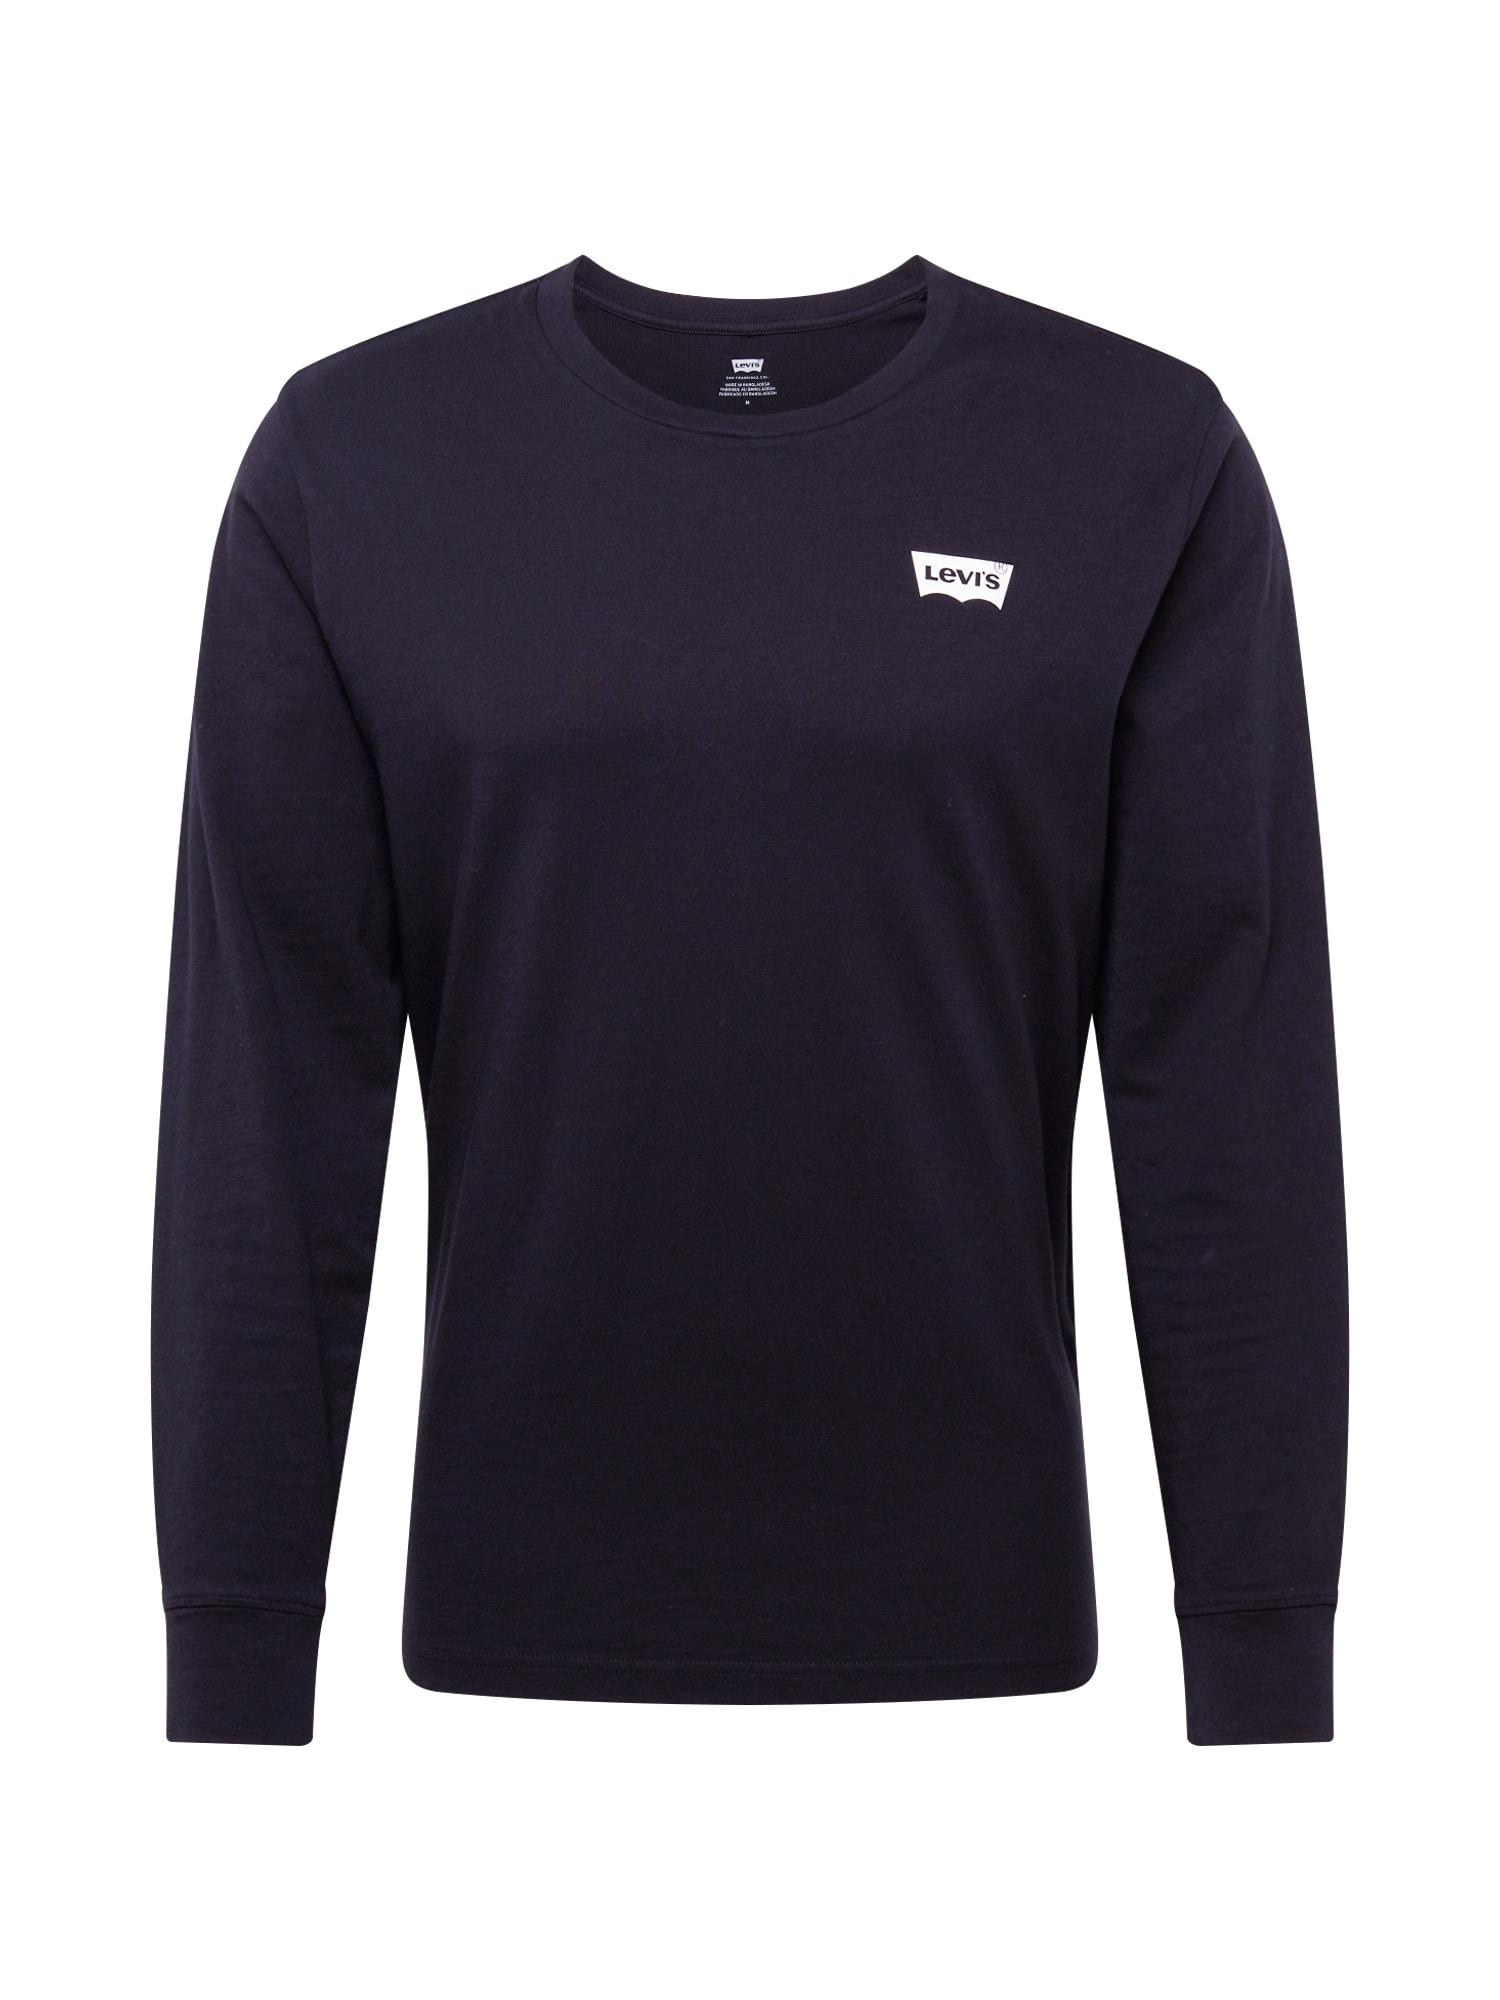 LEVI'S Marškinėliai 'RELAXED GRAPHIC' juoda